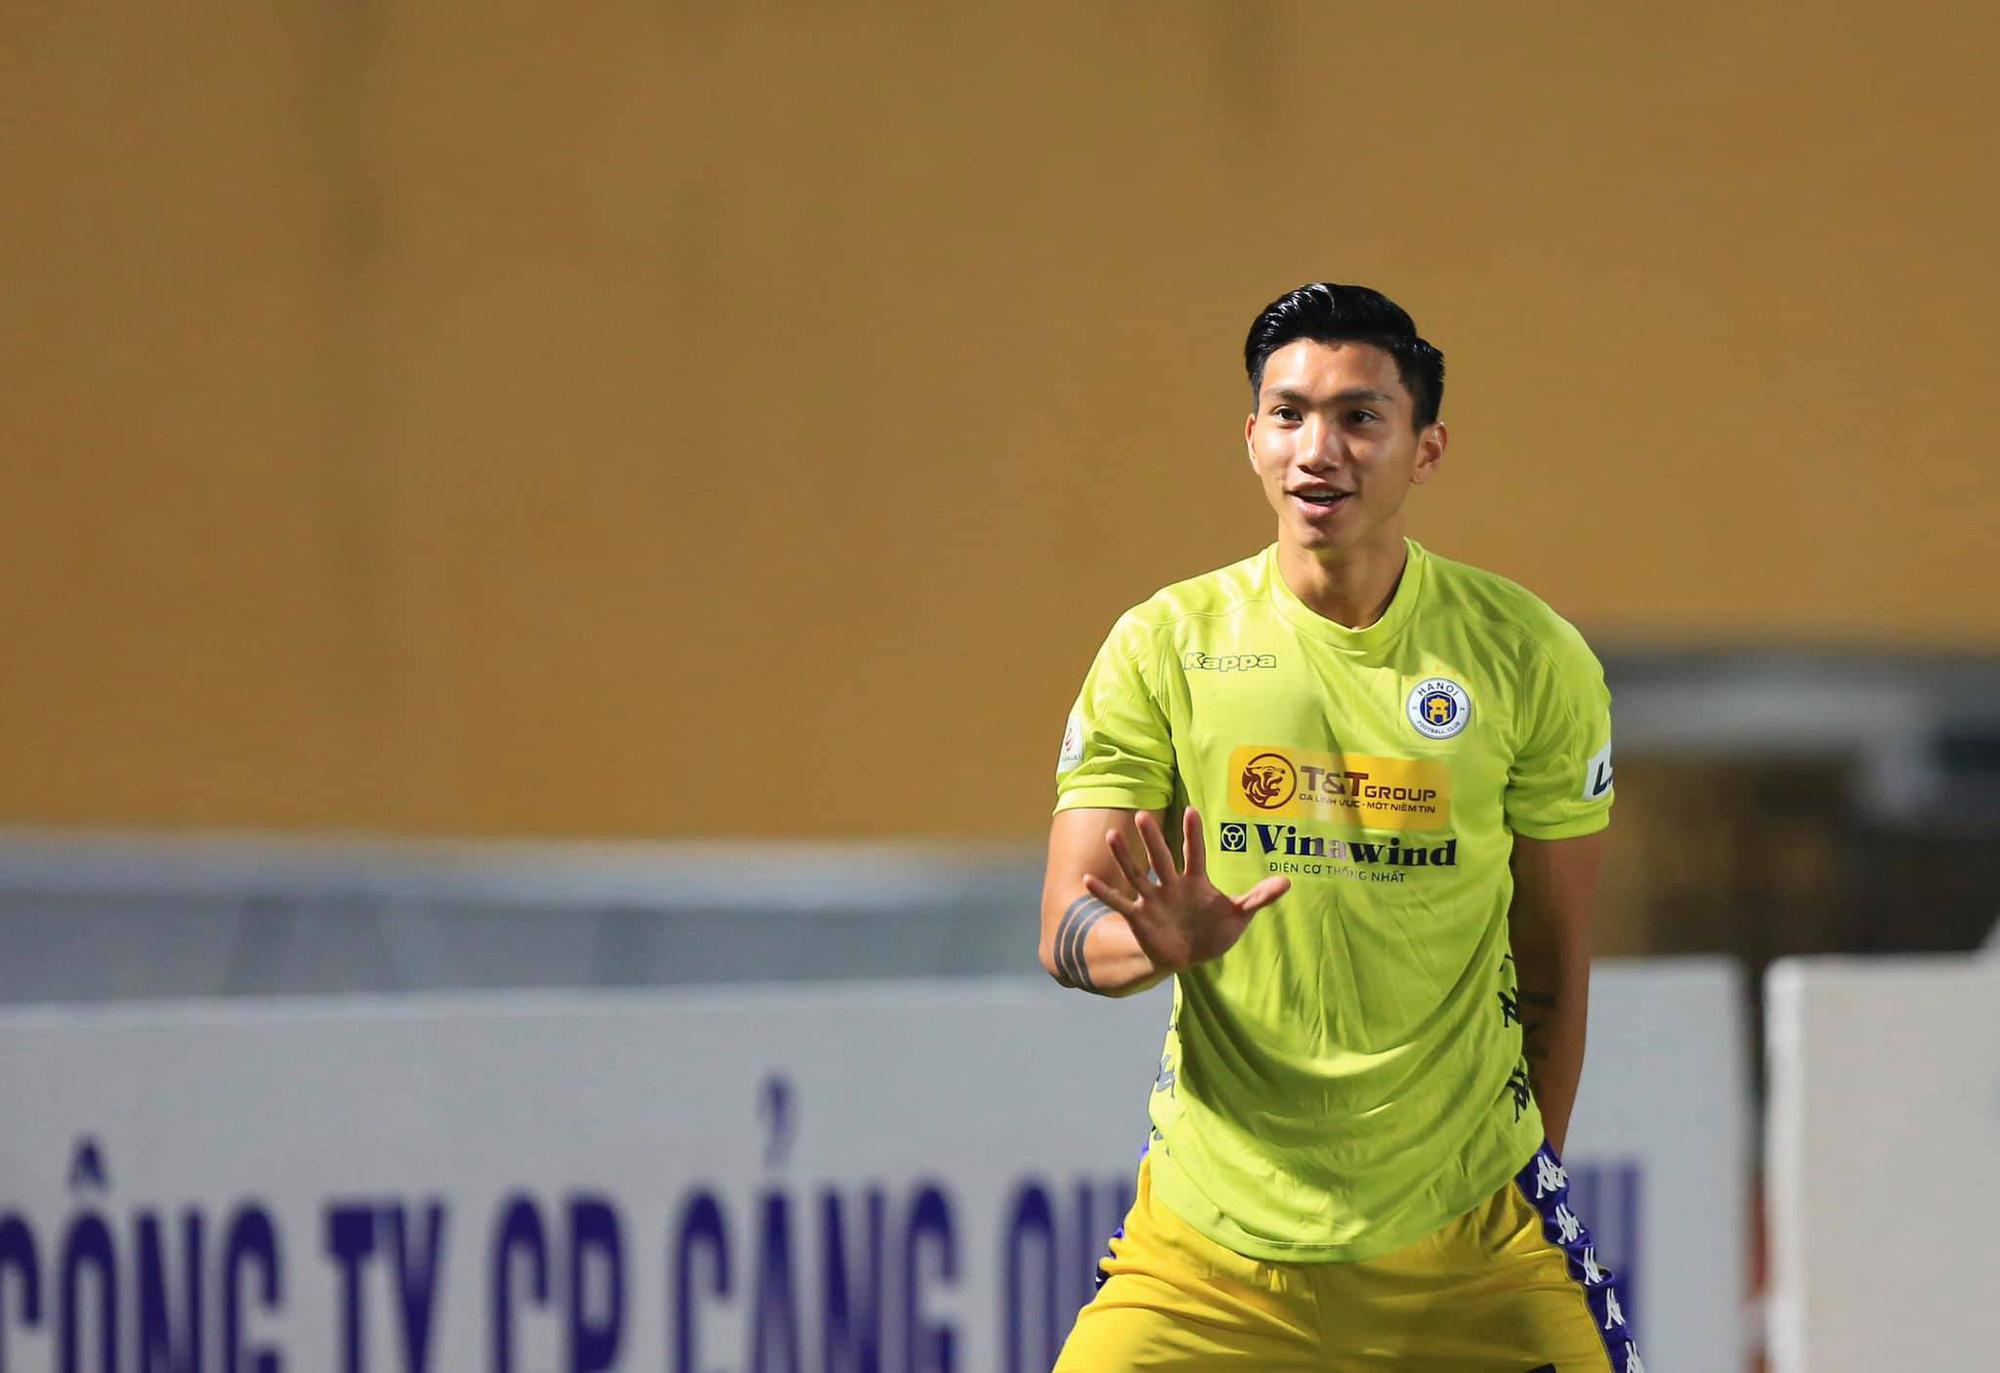 """Tái xuất V.League, tiền vệ hotboy Nhật Bản tuyên chiến """"Messi Việt Nam"""" - Ảnh 1."""